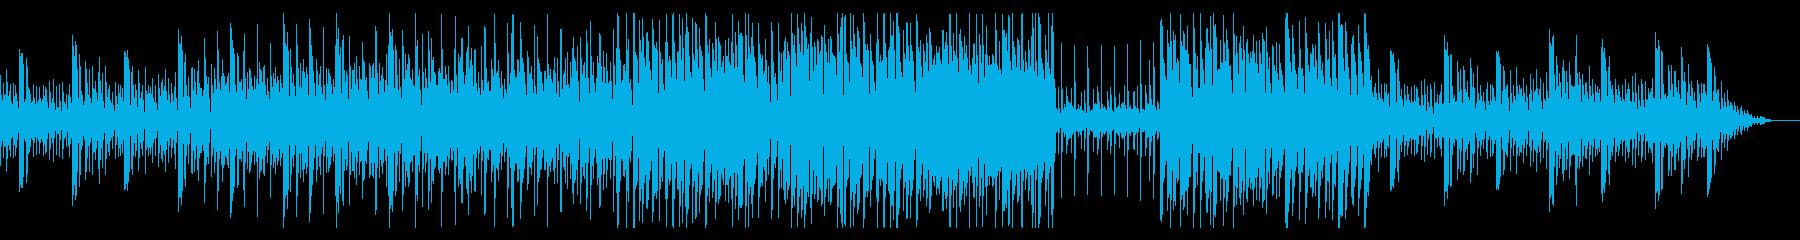 ポップの3 ウクレレ ぱららっぱんの再生済みの波形